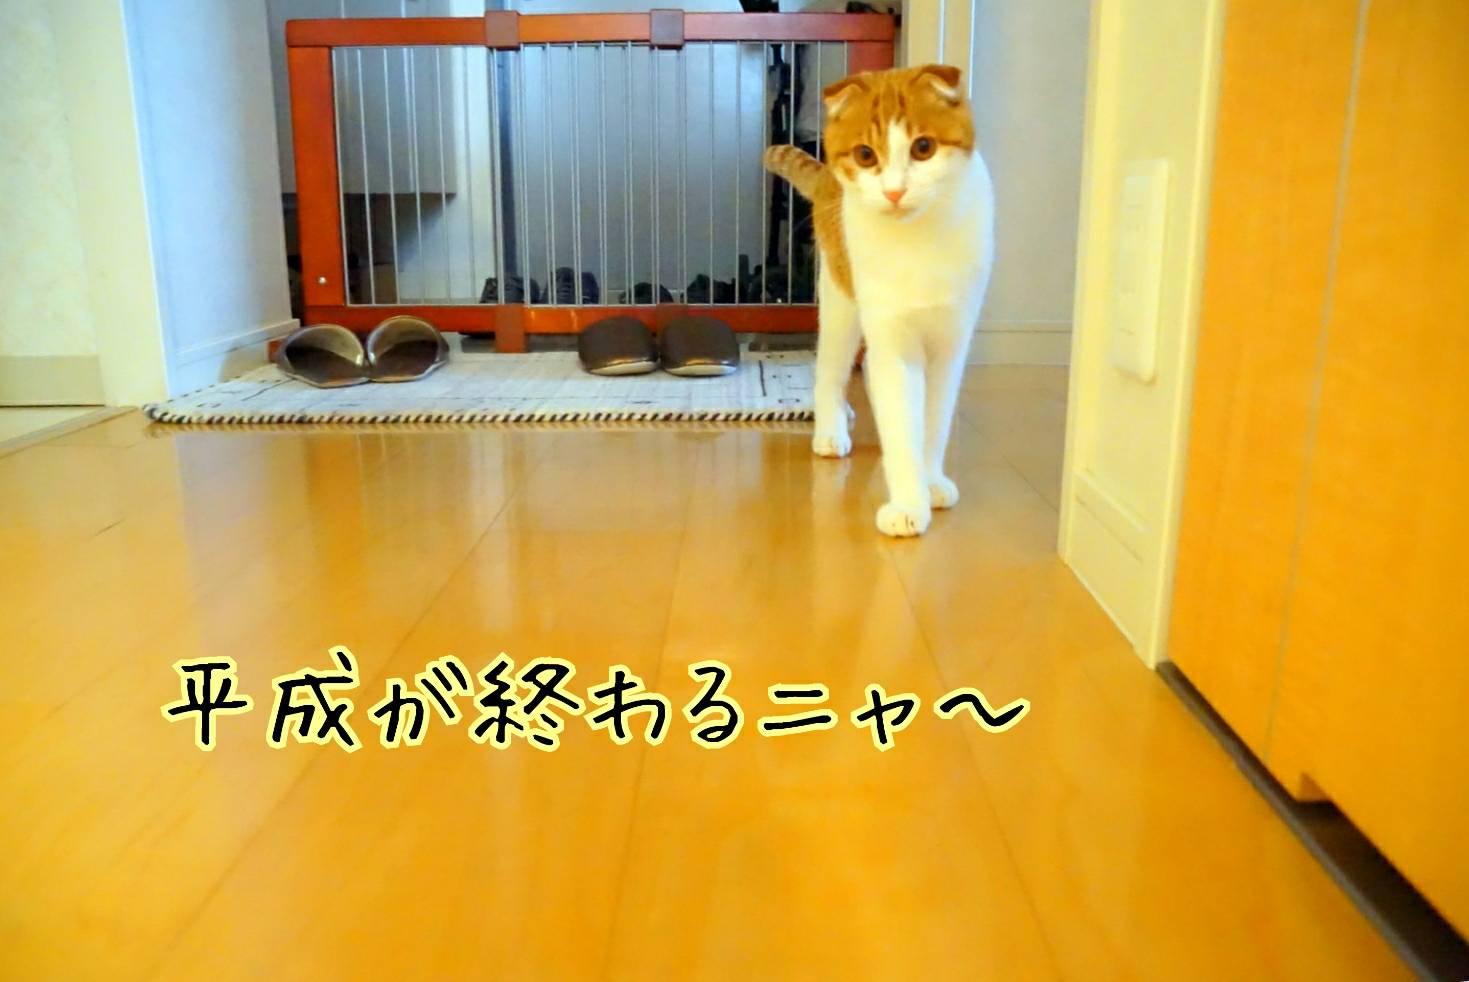 平成最後の日11